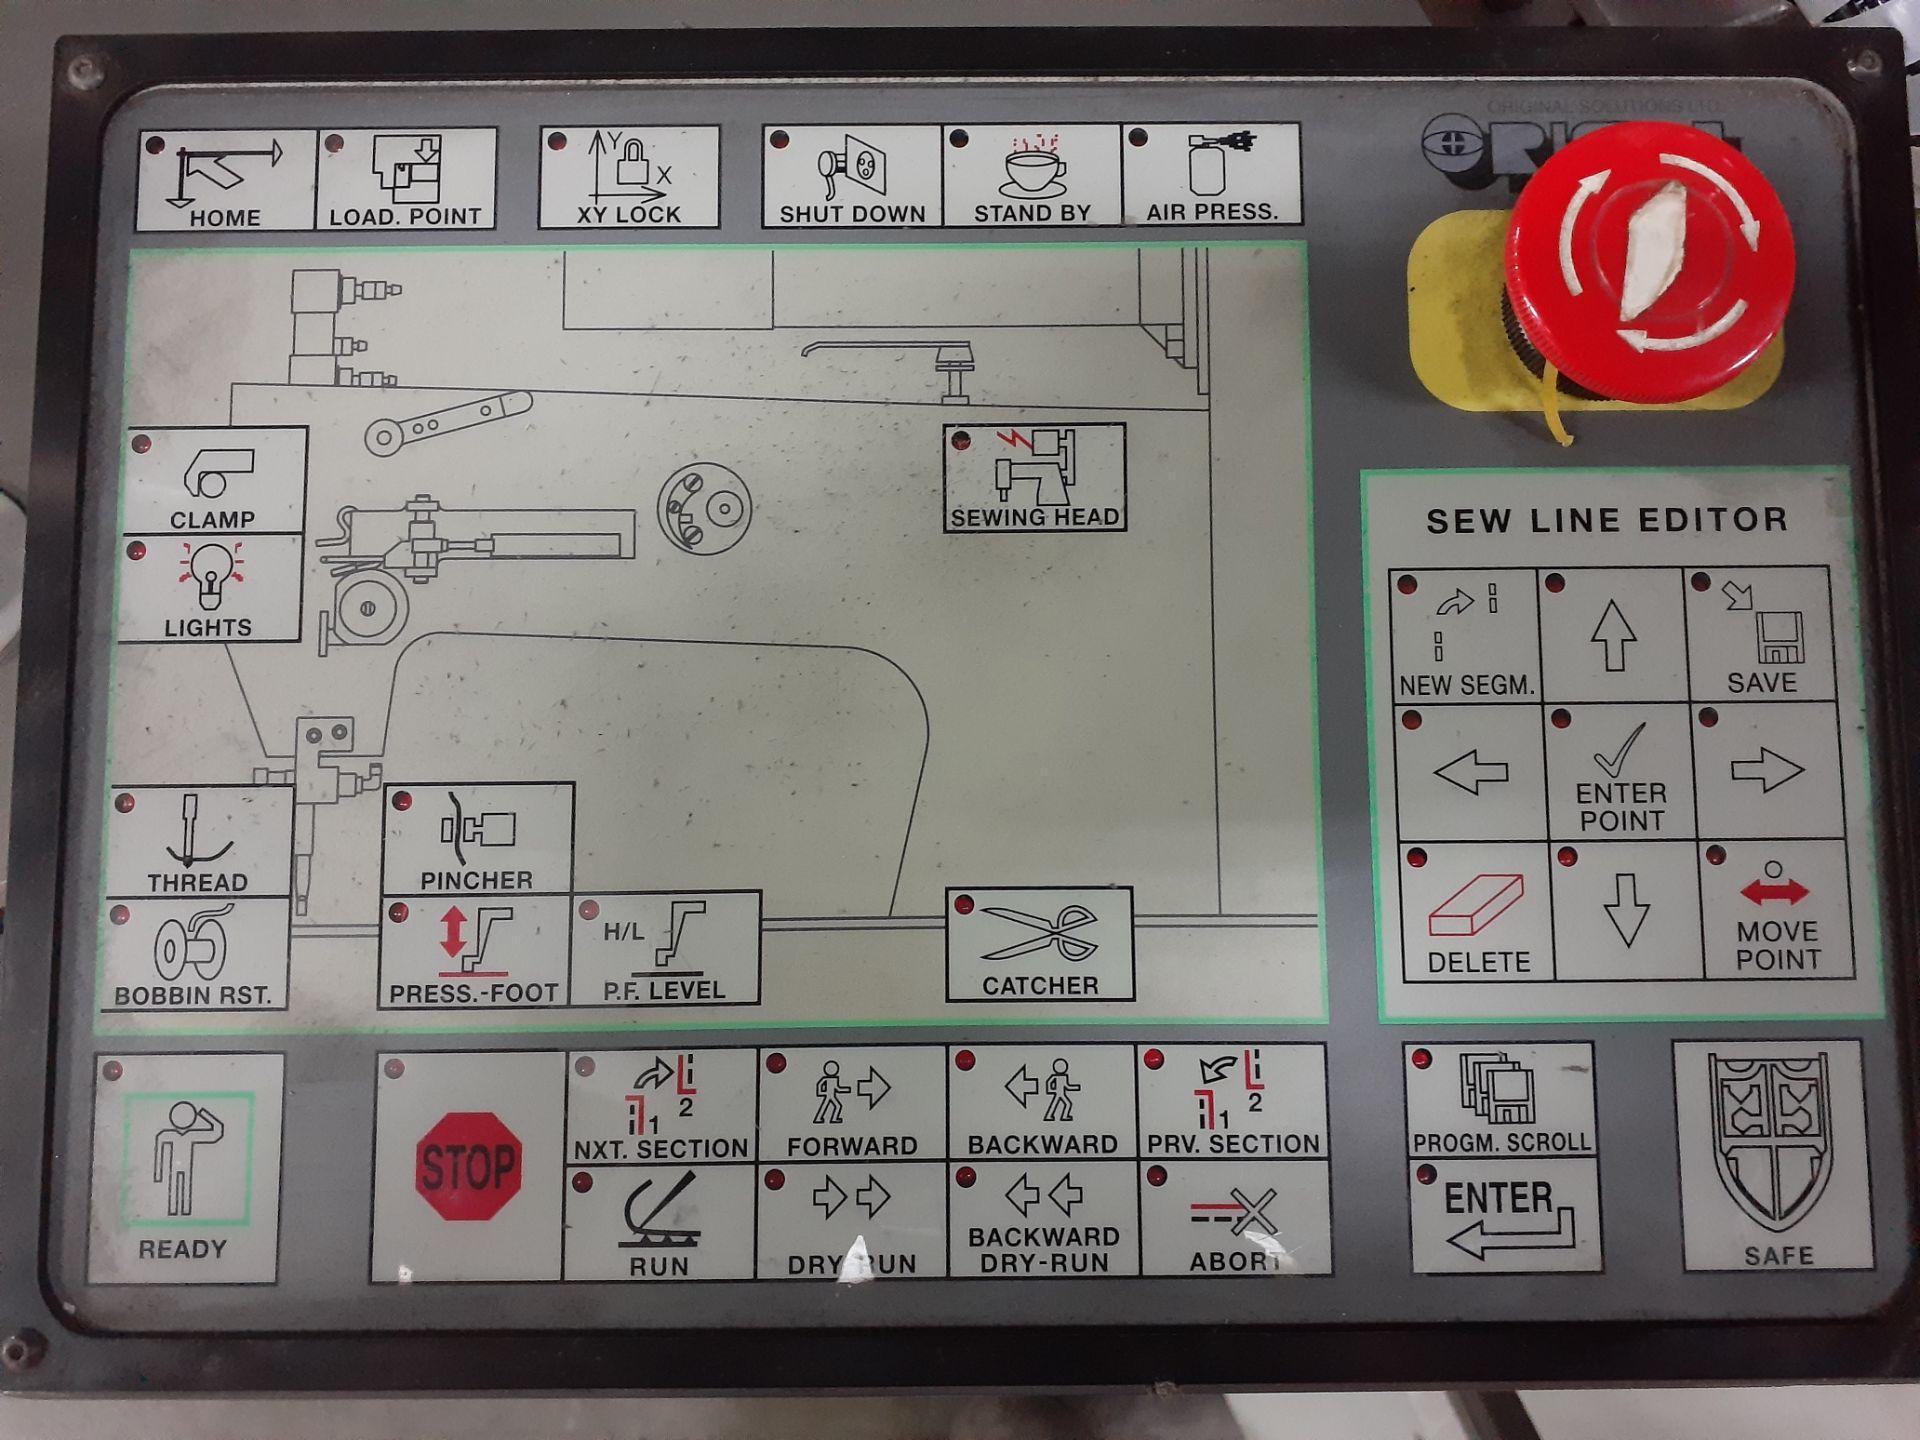 Lot 149 - Máquina de coser industrial computarizada de alto rendimiento marca Orisol, Modelo: OS-305